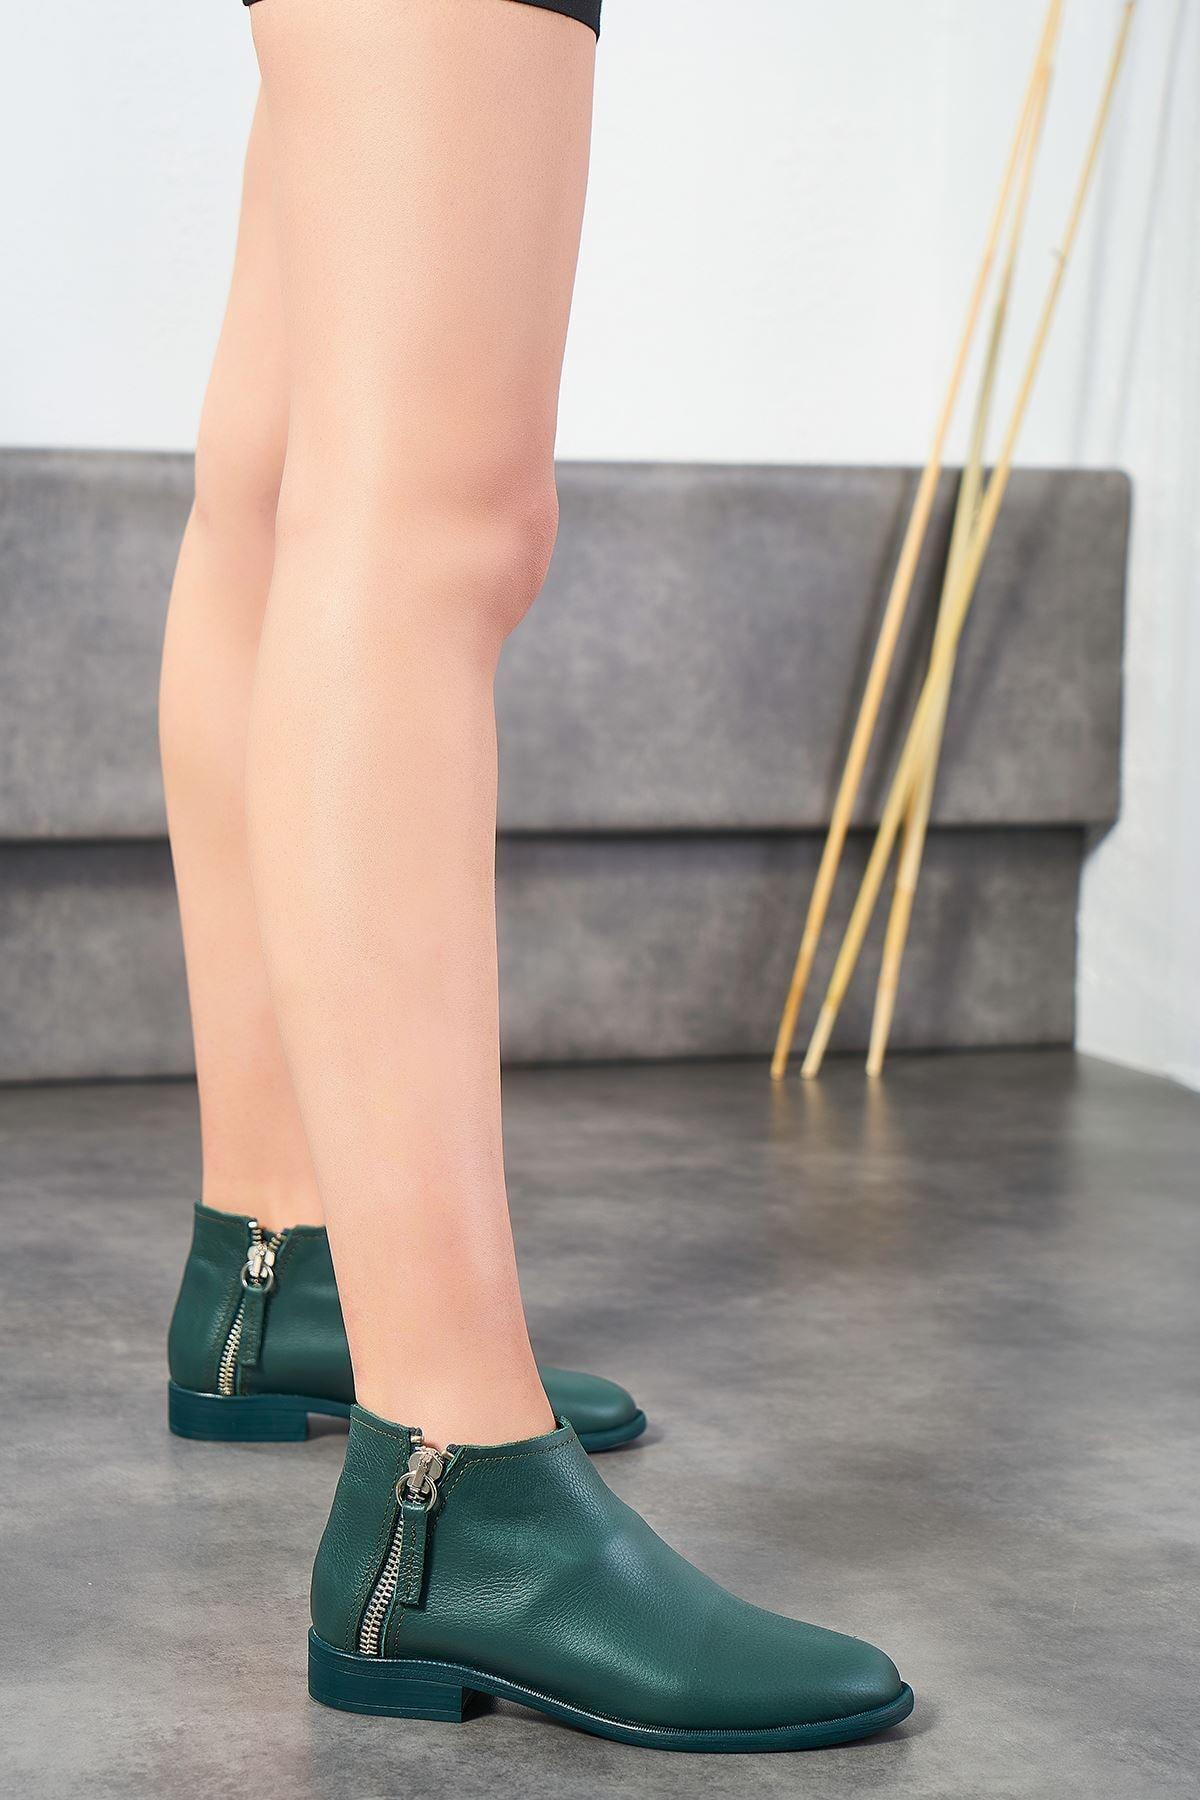 Louis Cardy Lima Yeşil Hakiki Deri Kadın Bot 1